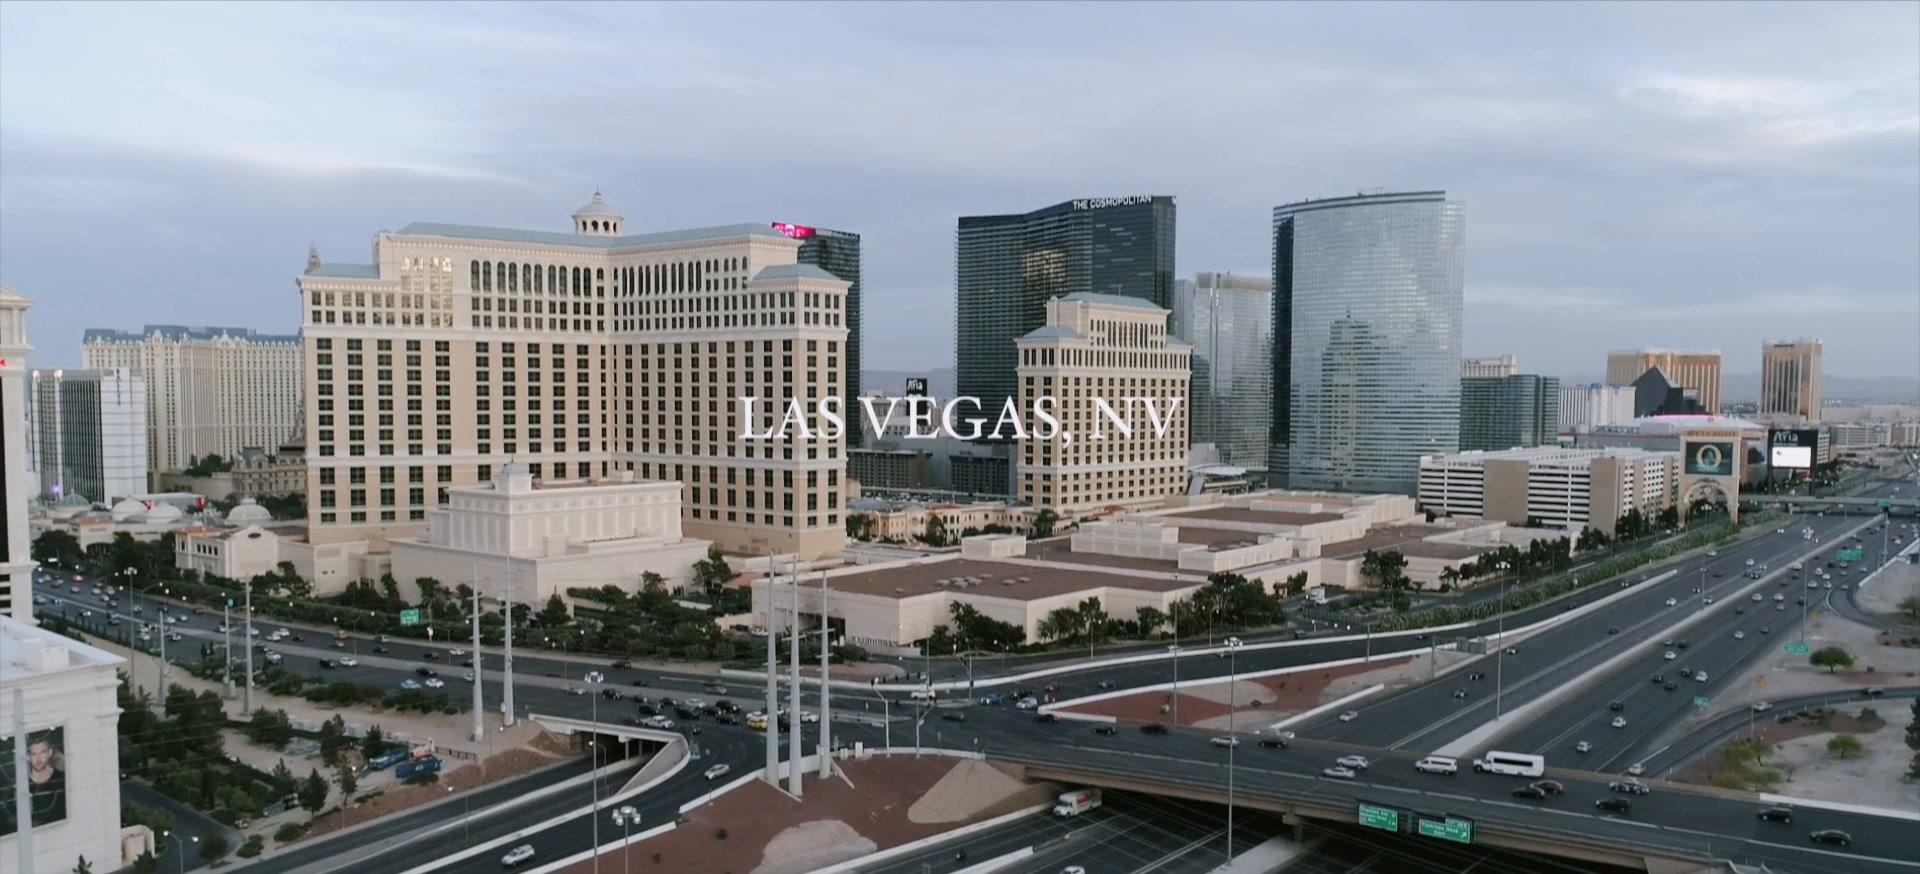 Derek + Fani | Las Vegas, Nevada | Bellagio Hotel